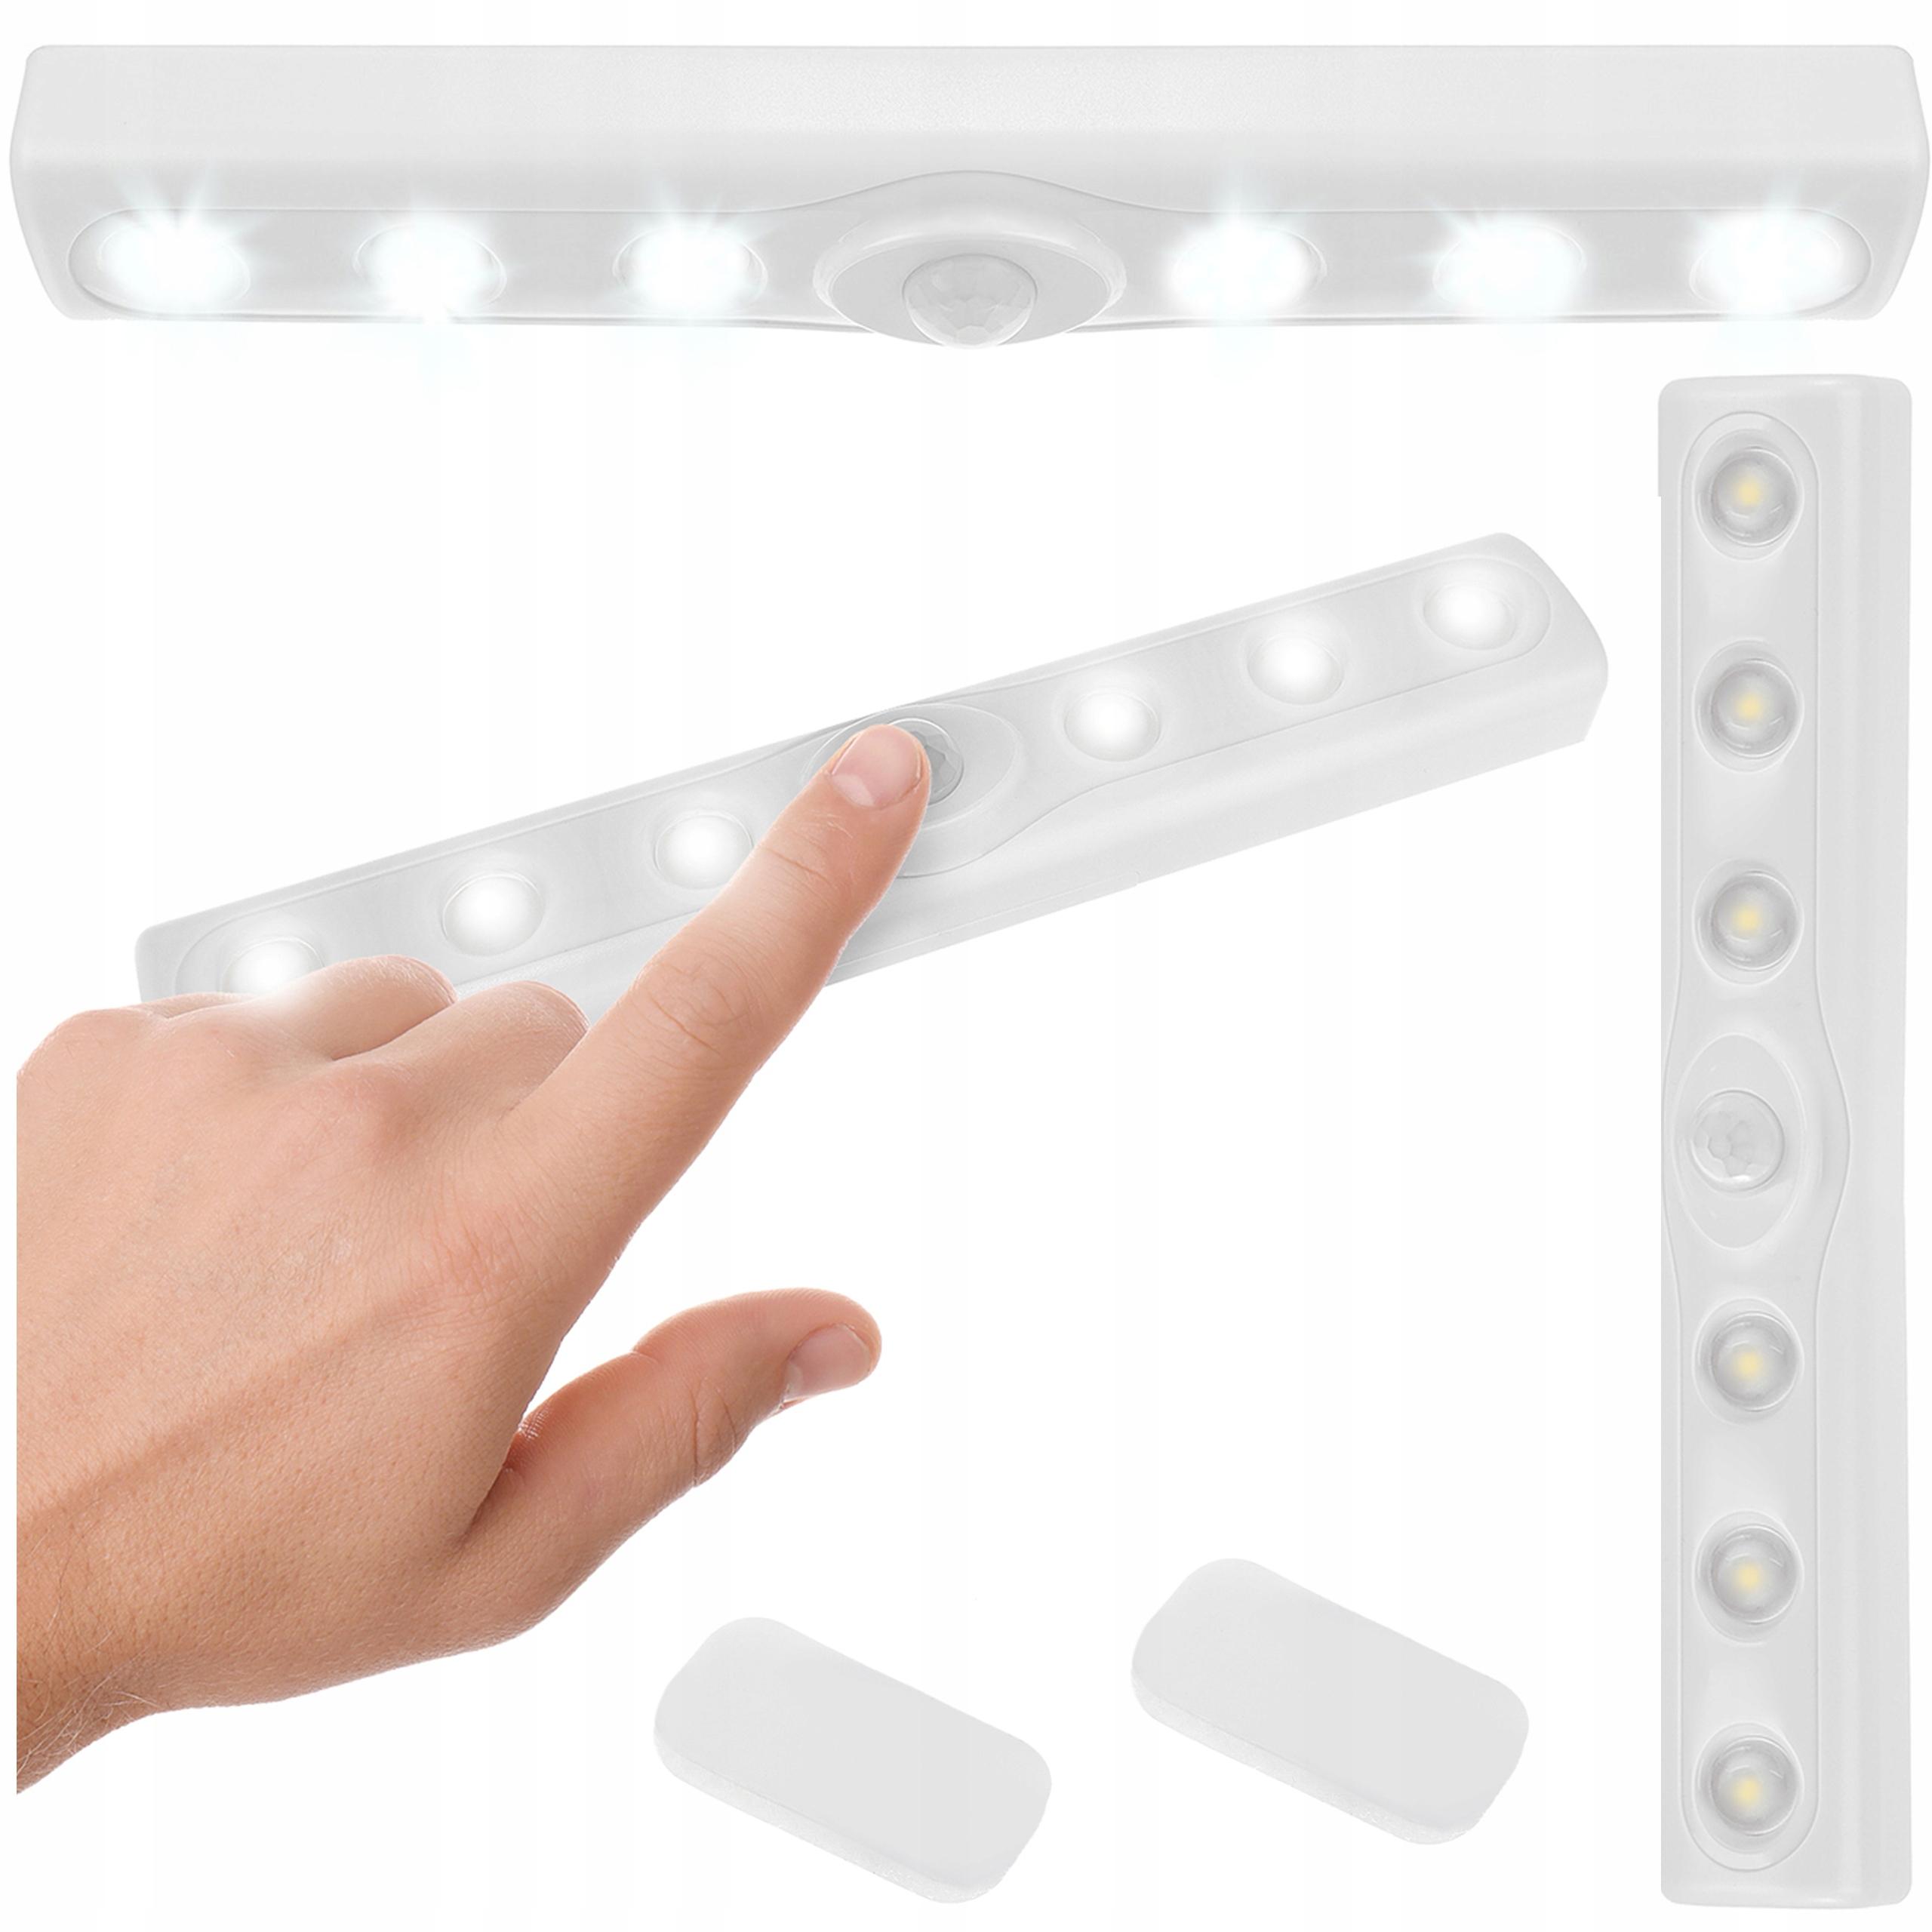 6 светодиодный светильник на липучке под шкафом для датчика гардероба